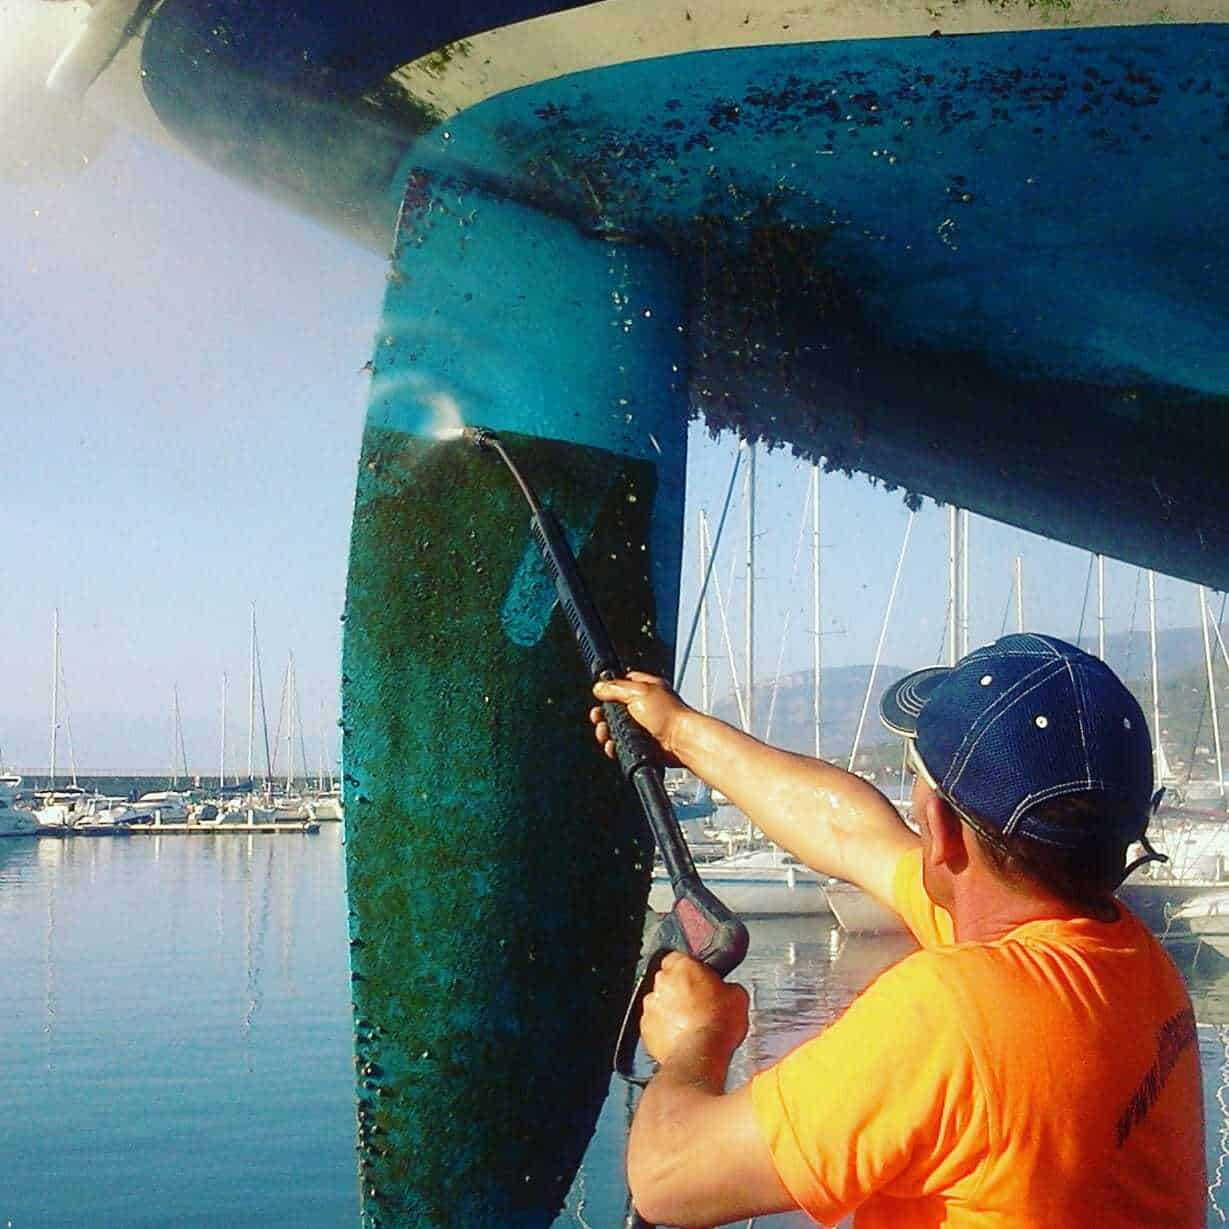 Manutenzione barche a vela e assistenza tecnica - Vela Dream